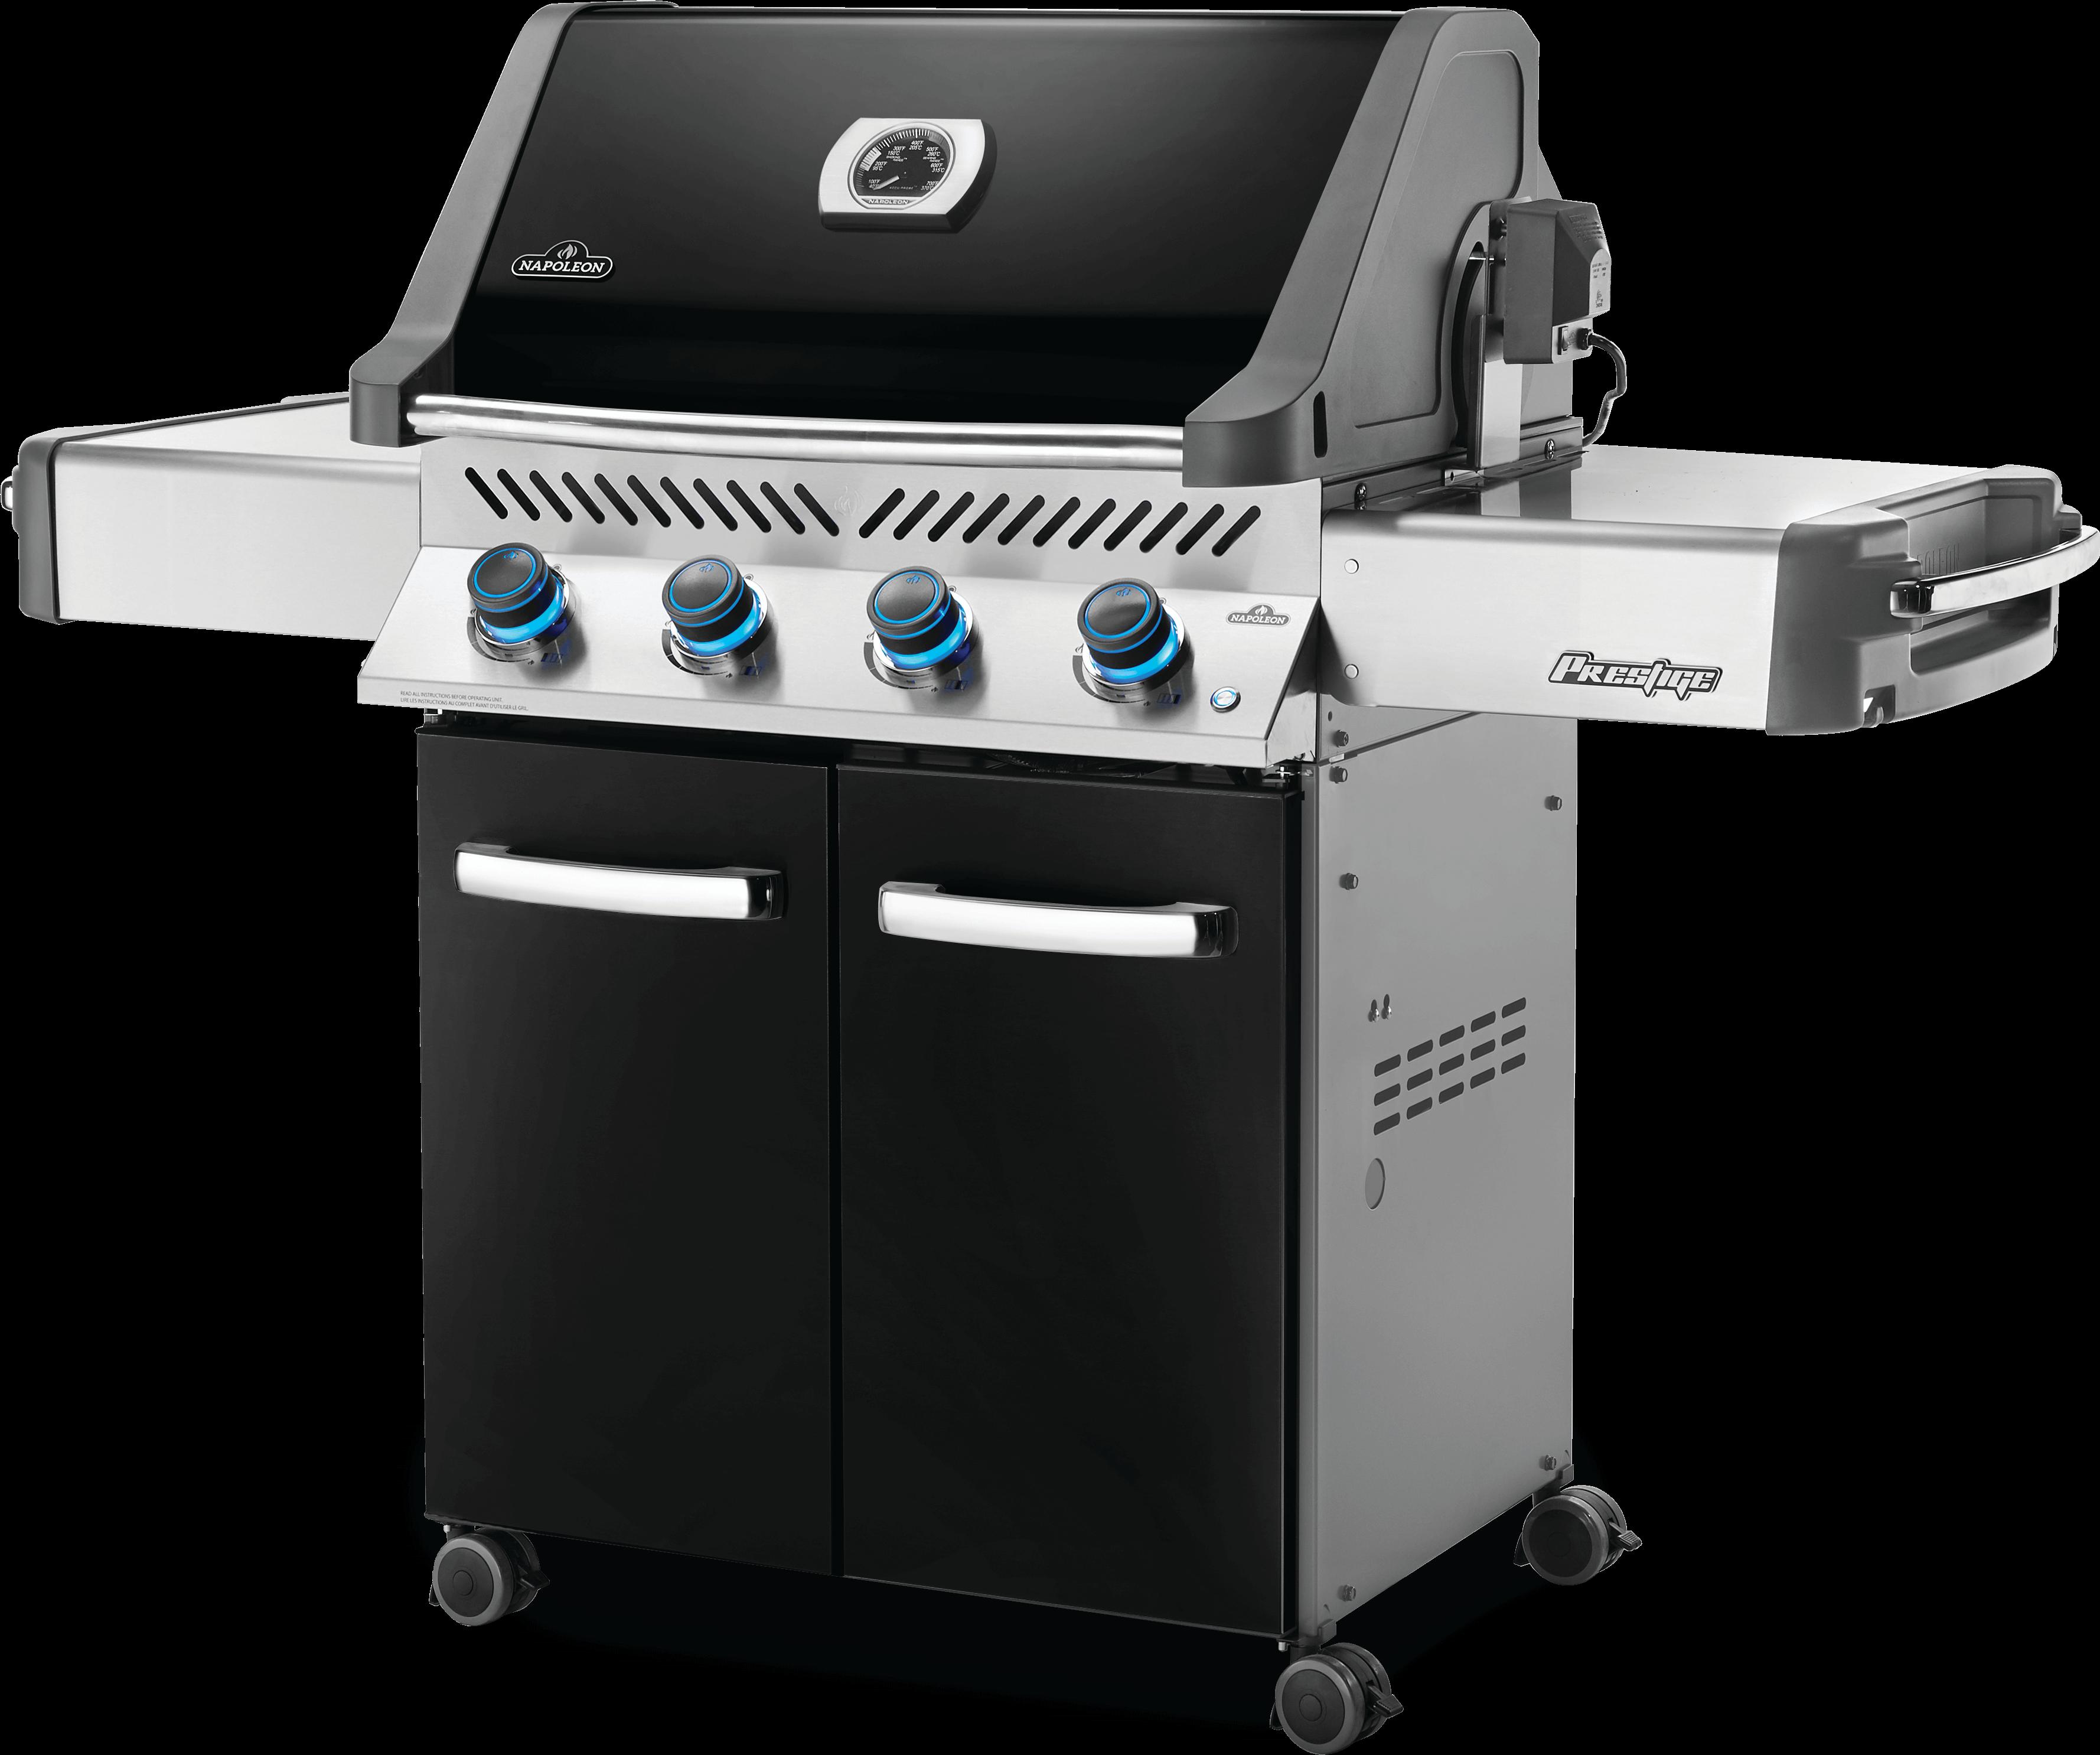 NAPOLEON BBQ PRESTIGE P500 (PROPANE)